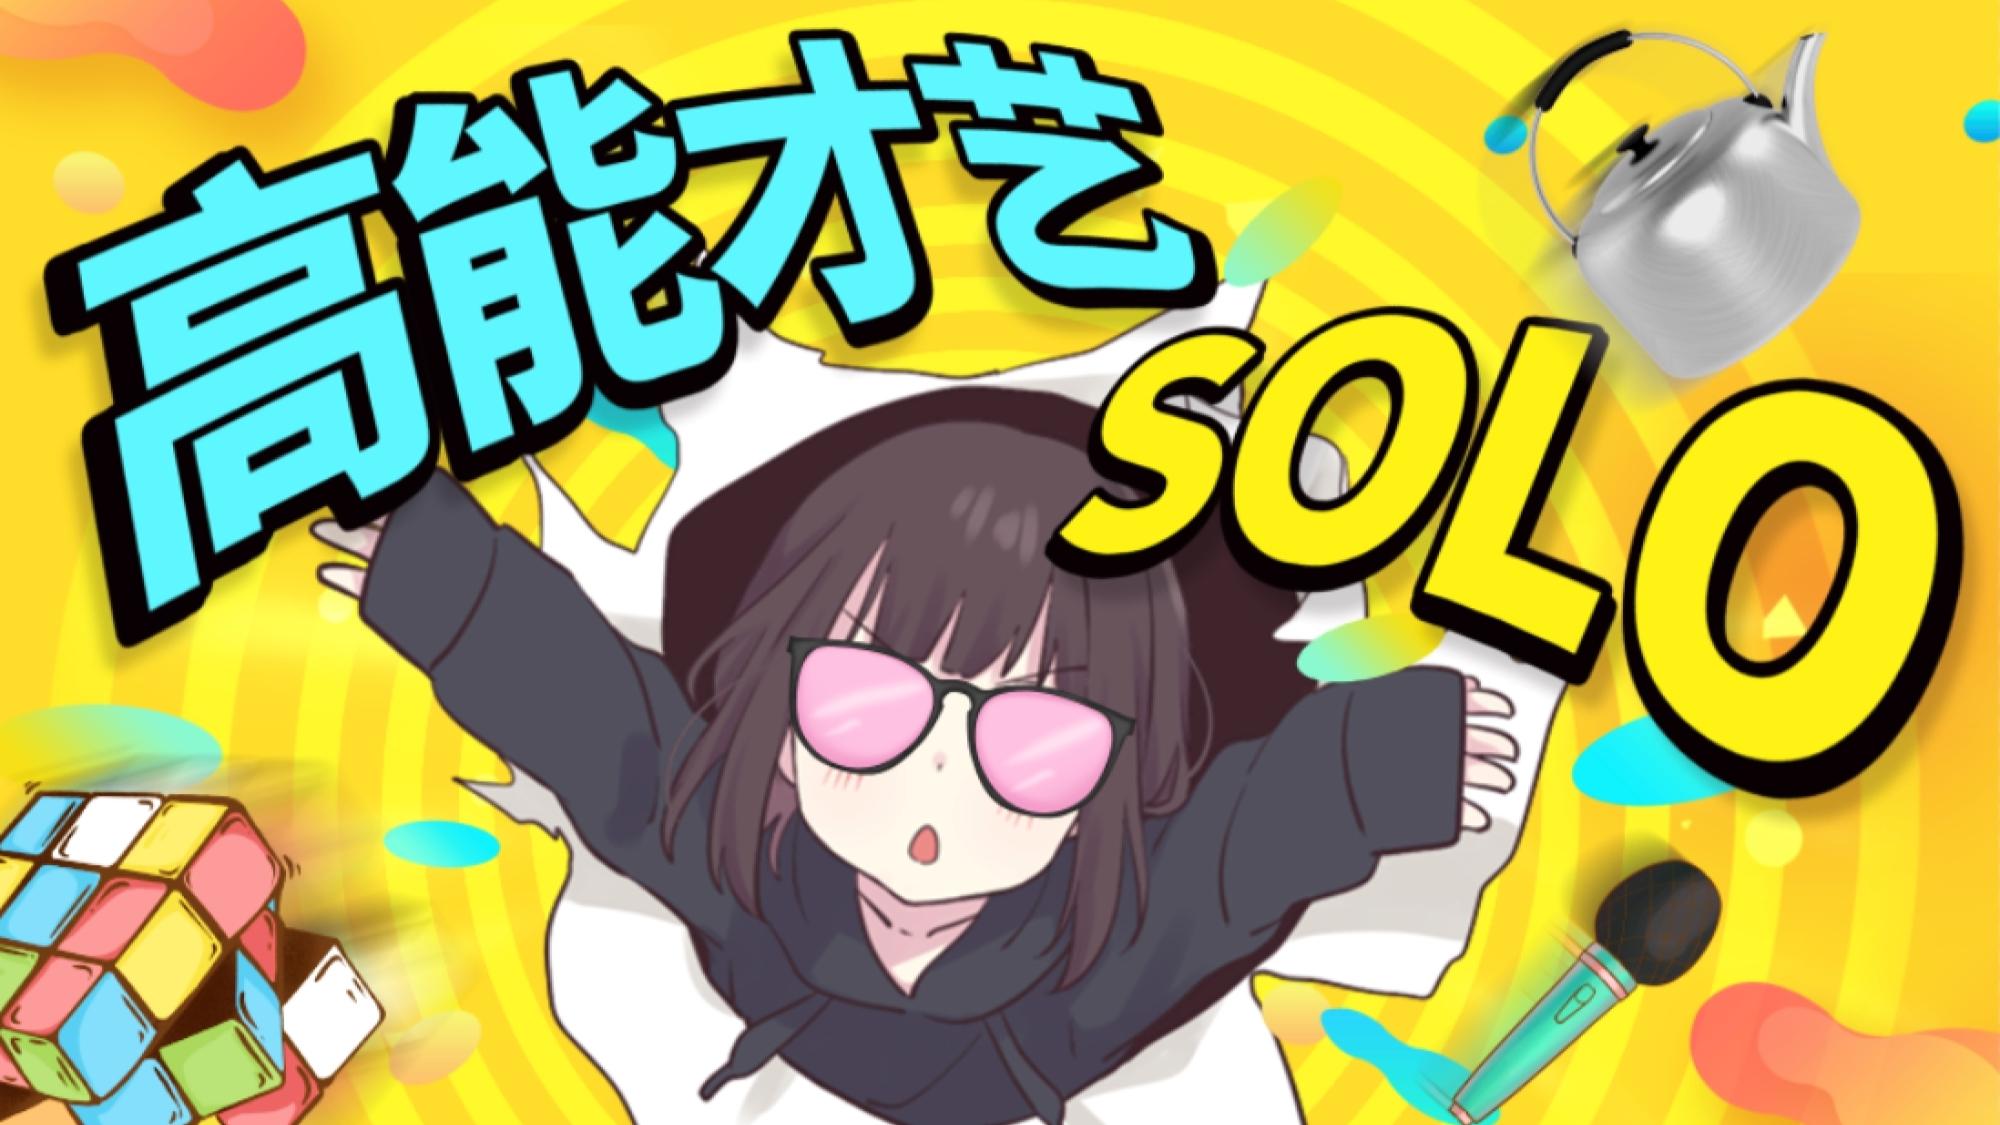 【桃之邀邀】七濑胡桃高能才艺solo,能不能出道靠你了!